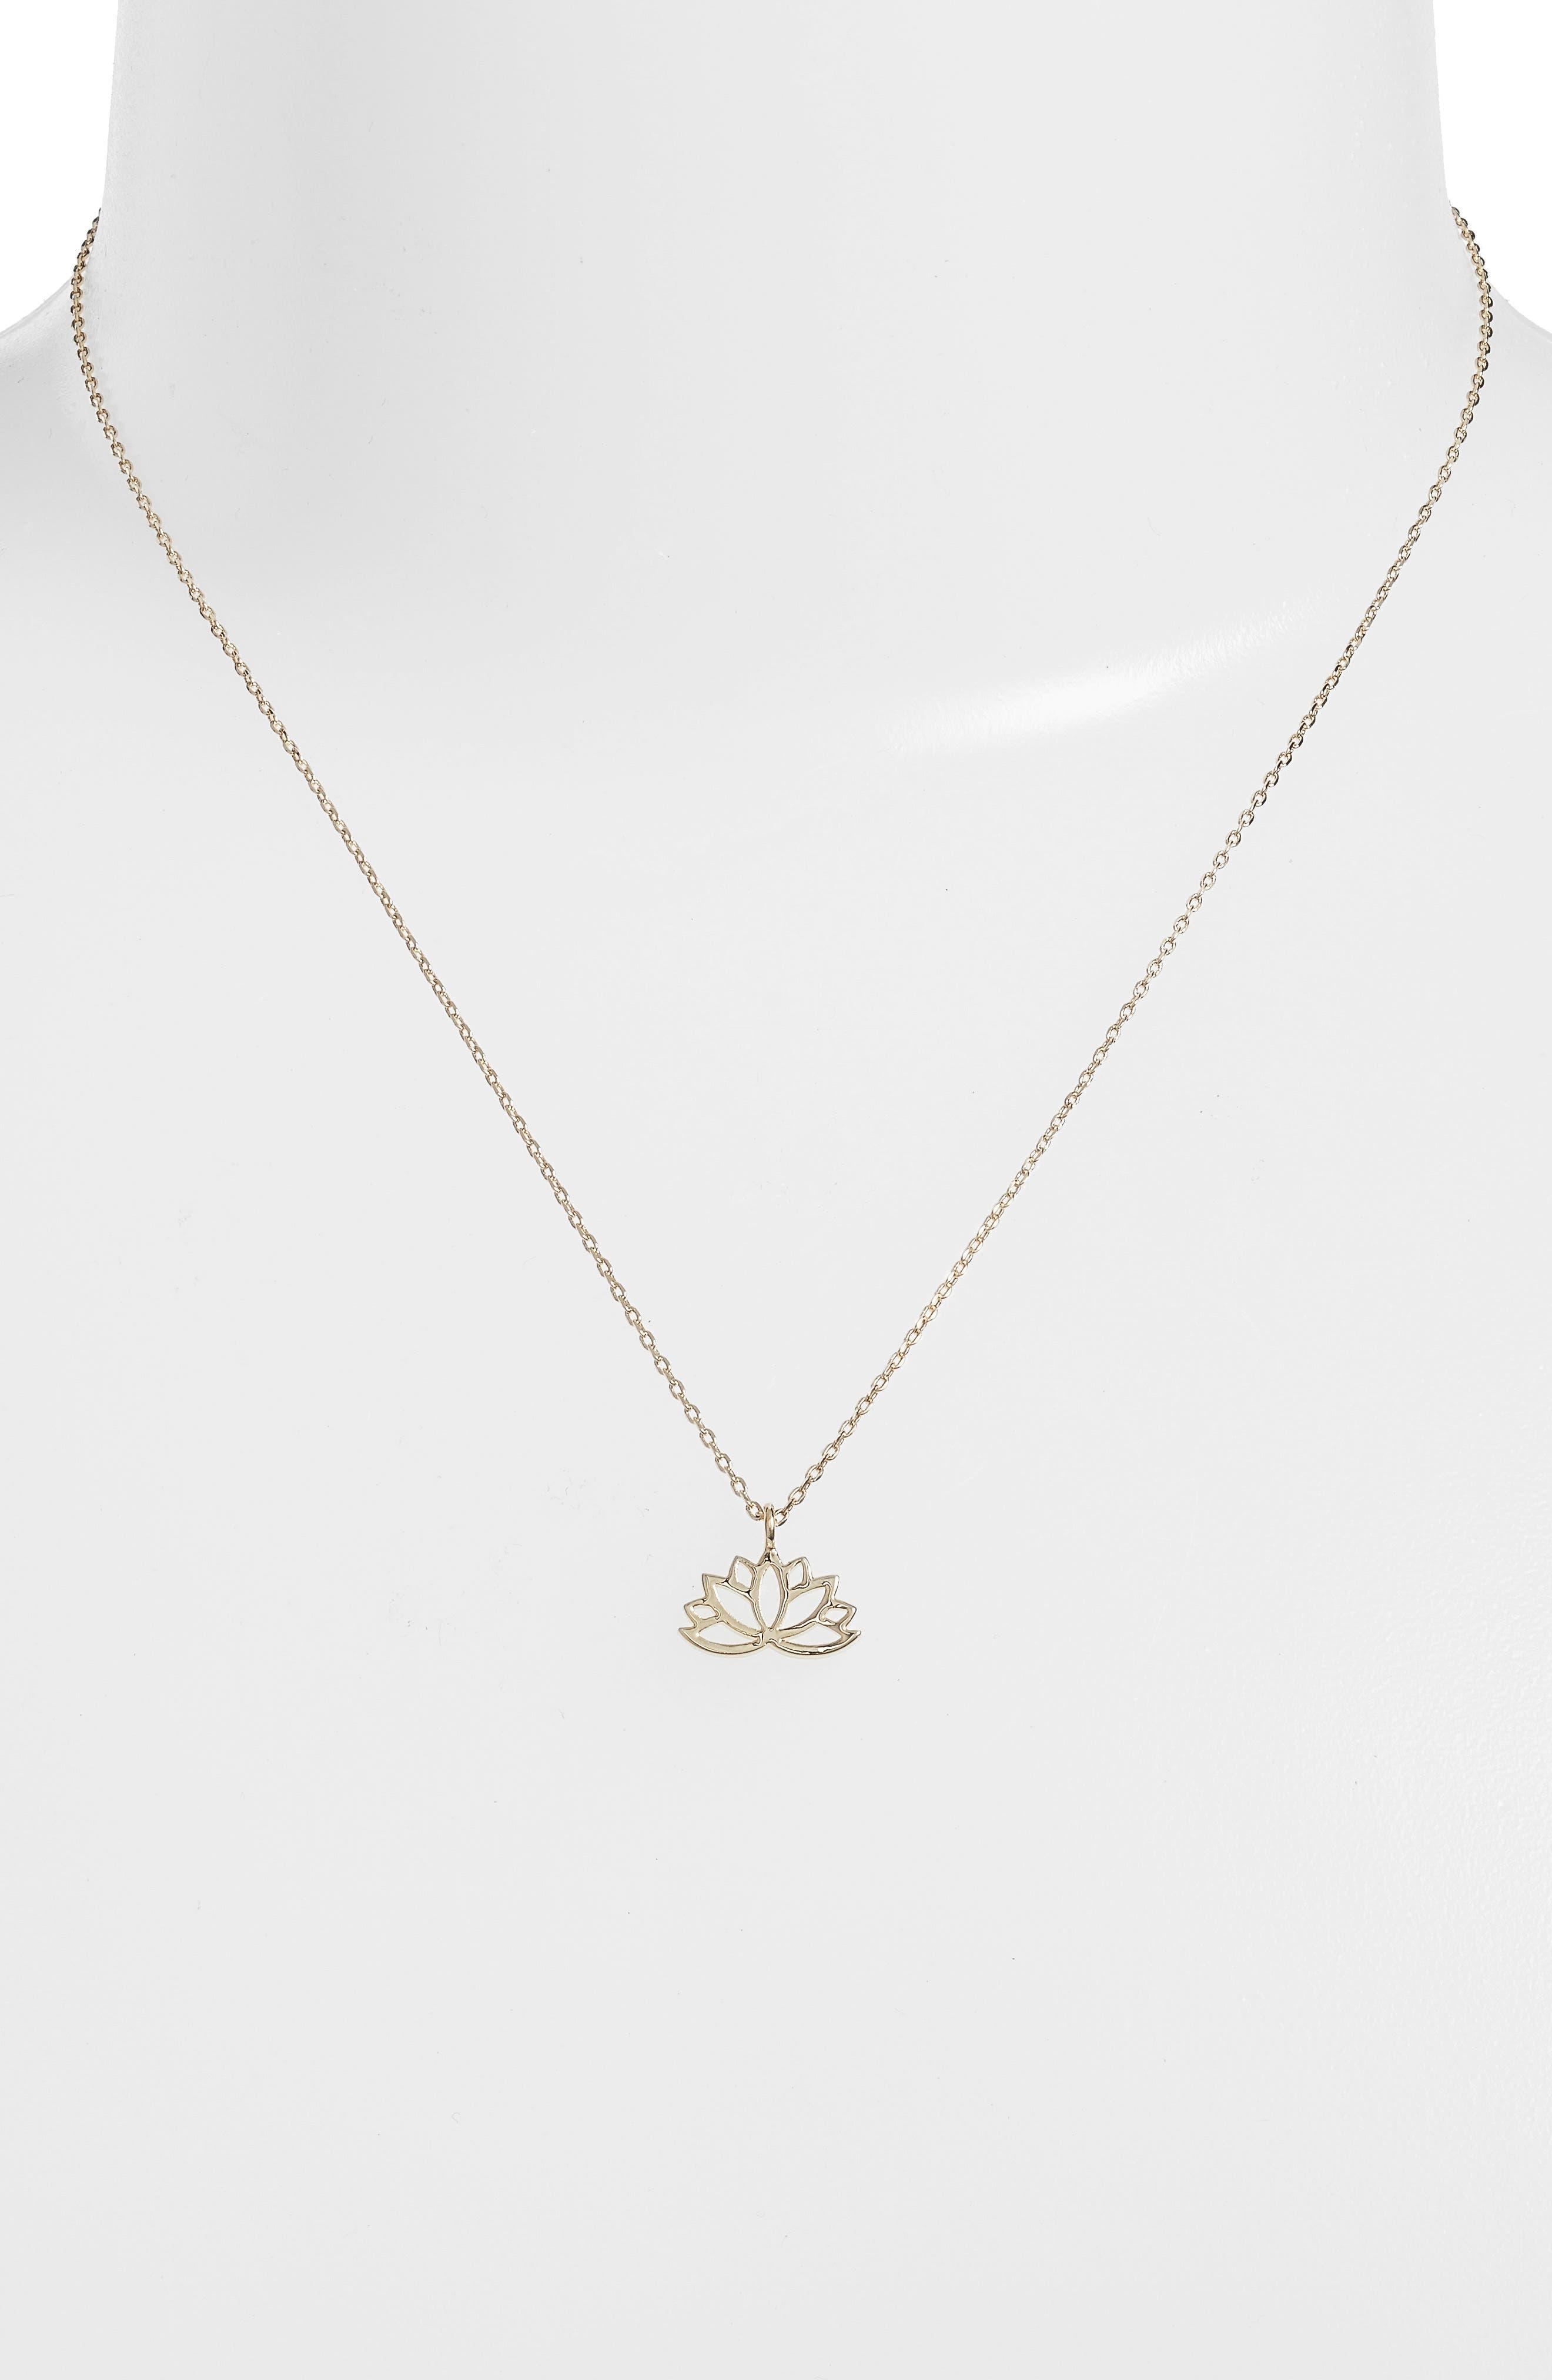 Lotus Leaf Pendant Necklace,                             Alternate thumbnail 2, color,                             Gold